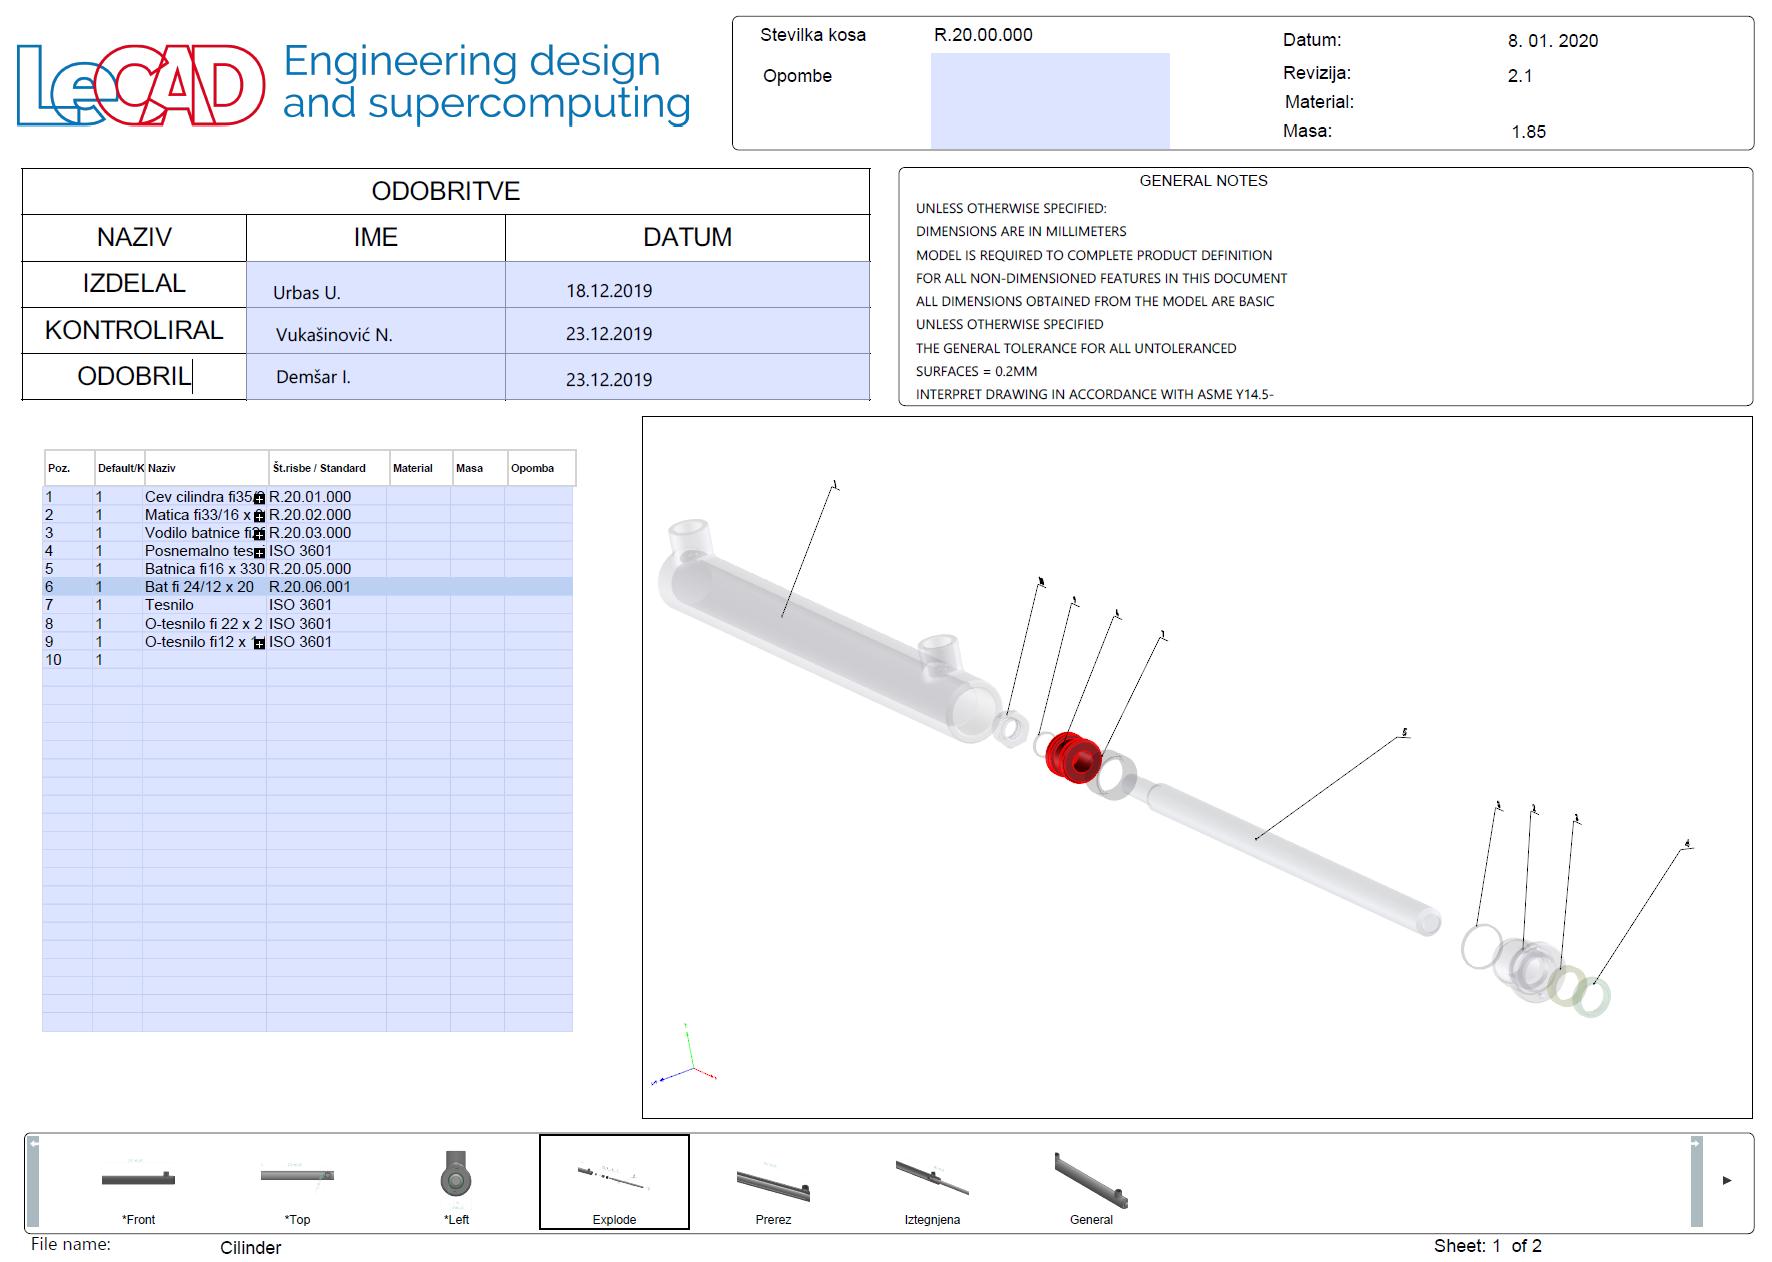 Prehod v celovito opredelitev CAD-modela (MBD)